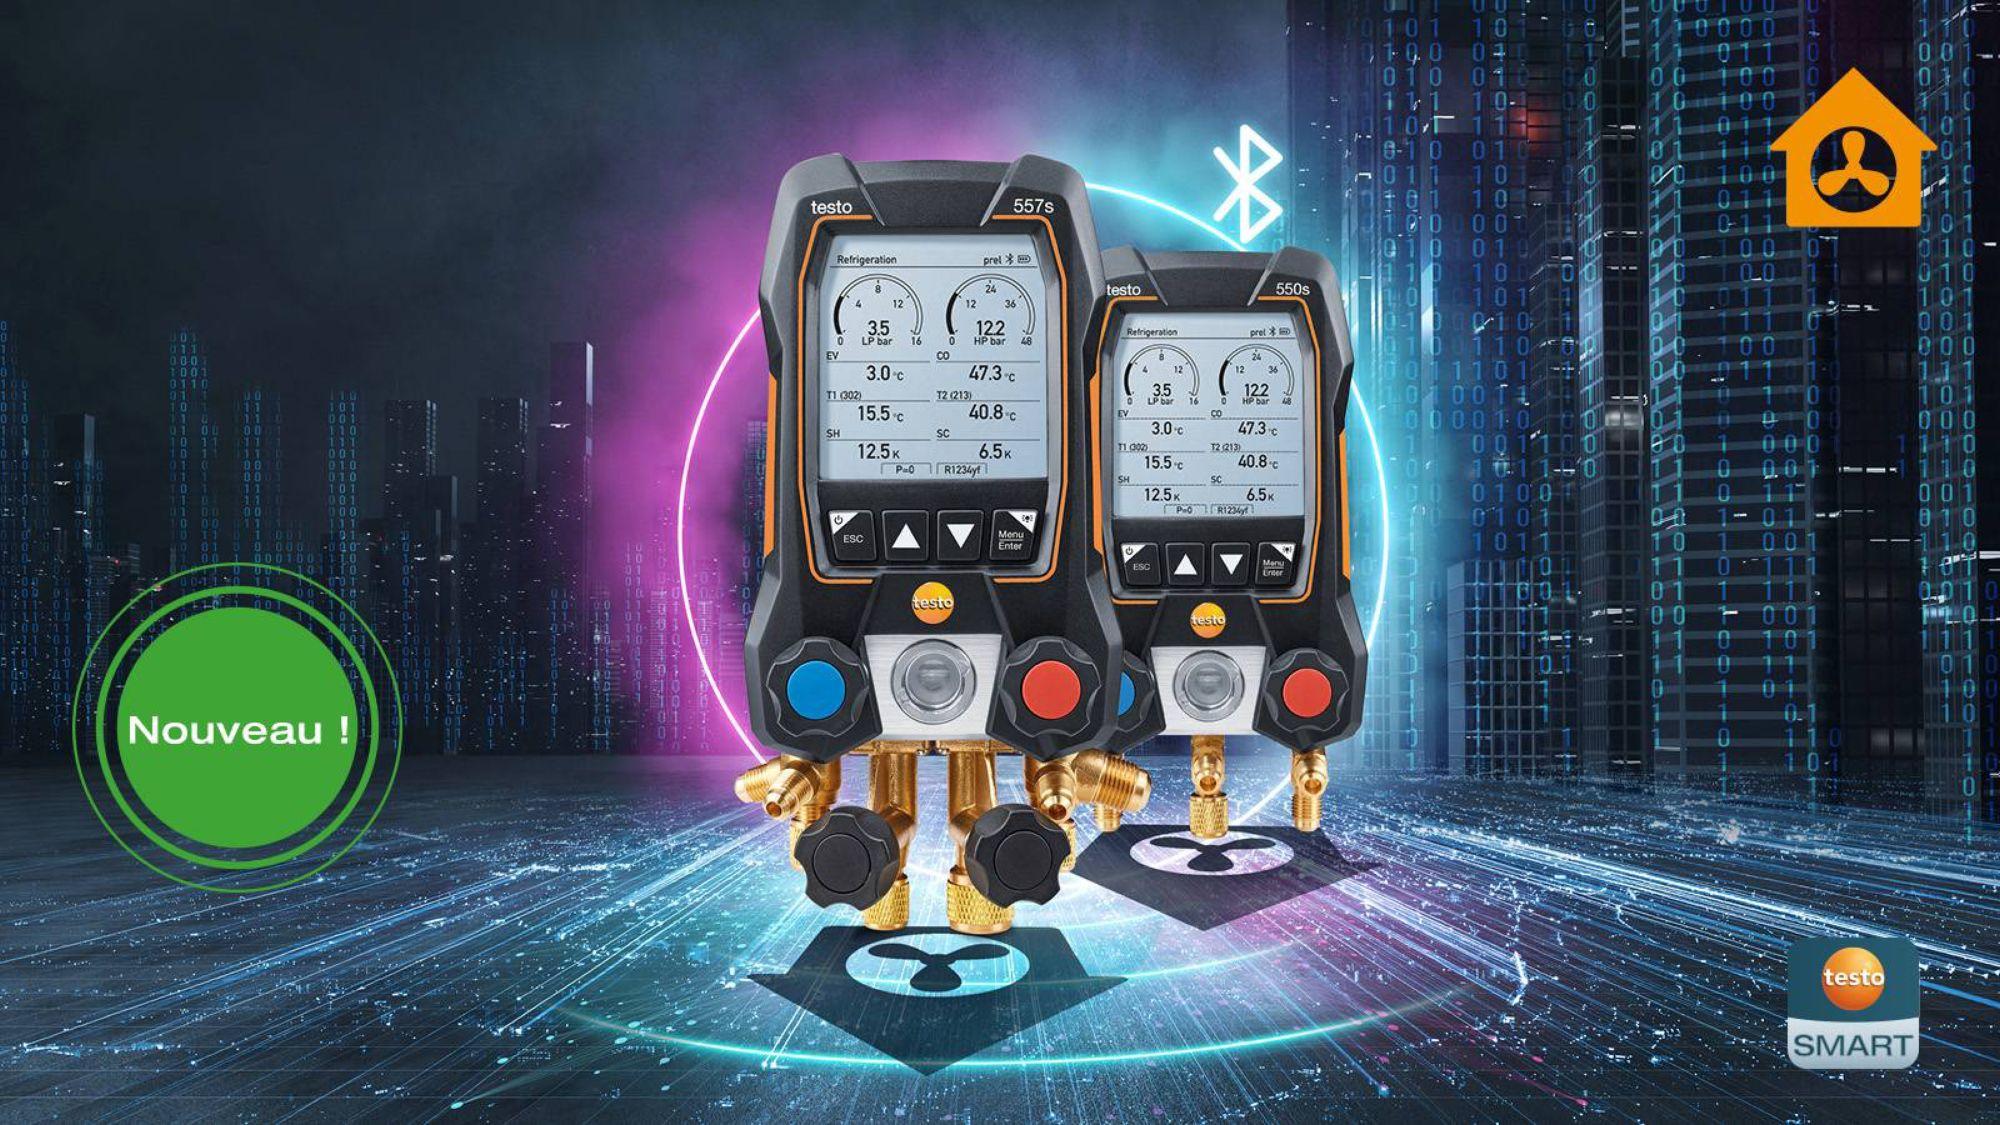 Manifolds électroniques testo 557s et testo 550s